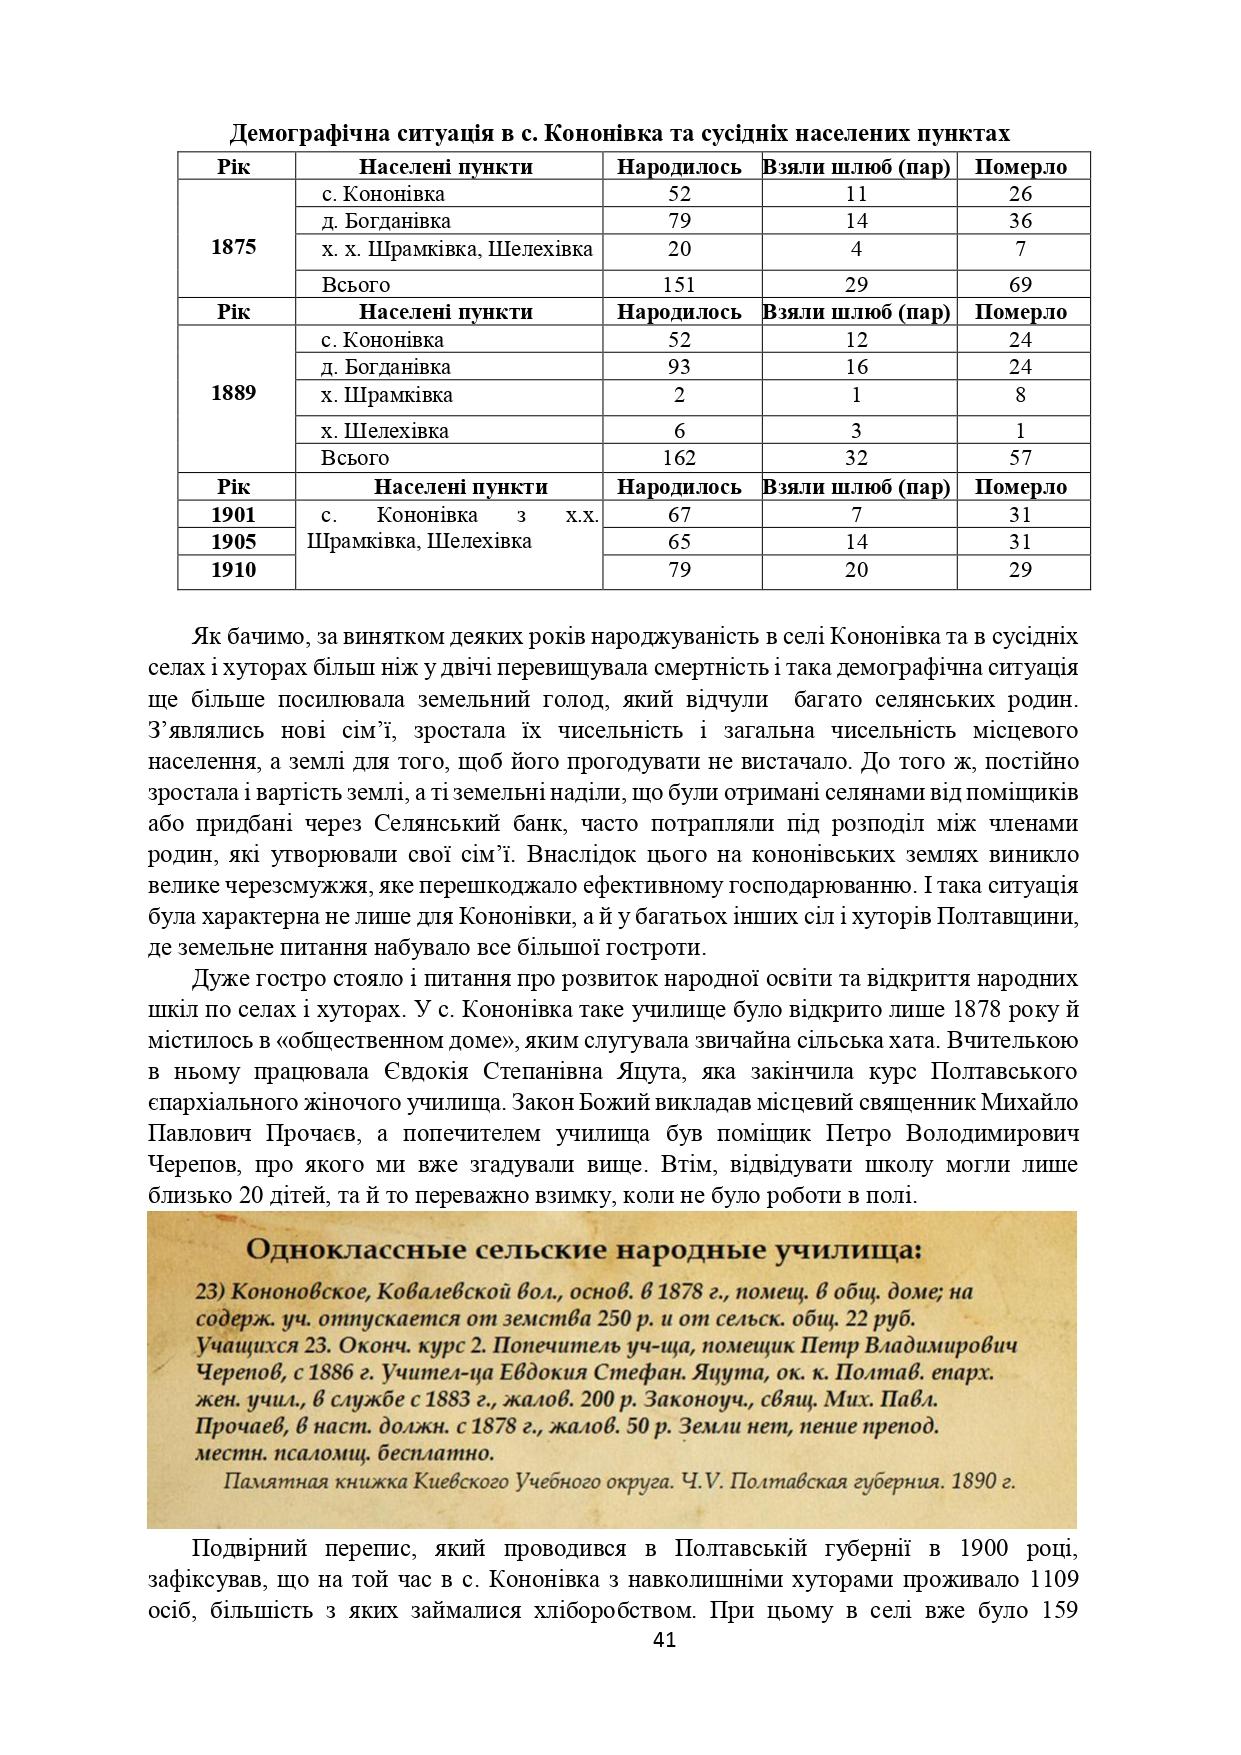 ІСТОРІЯ СЕЛА КОНОНІВКА 2021 (1)_page-0041